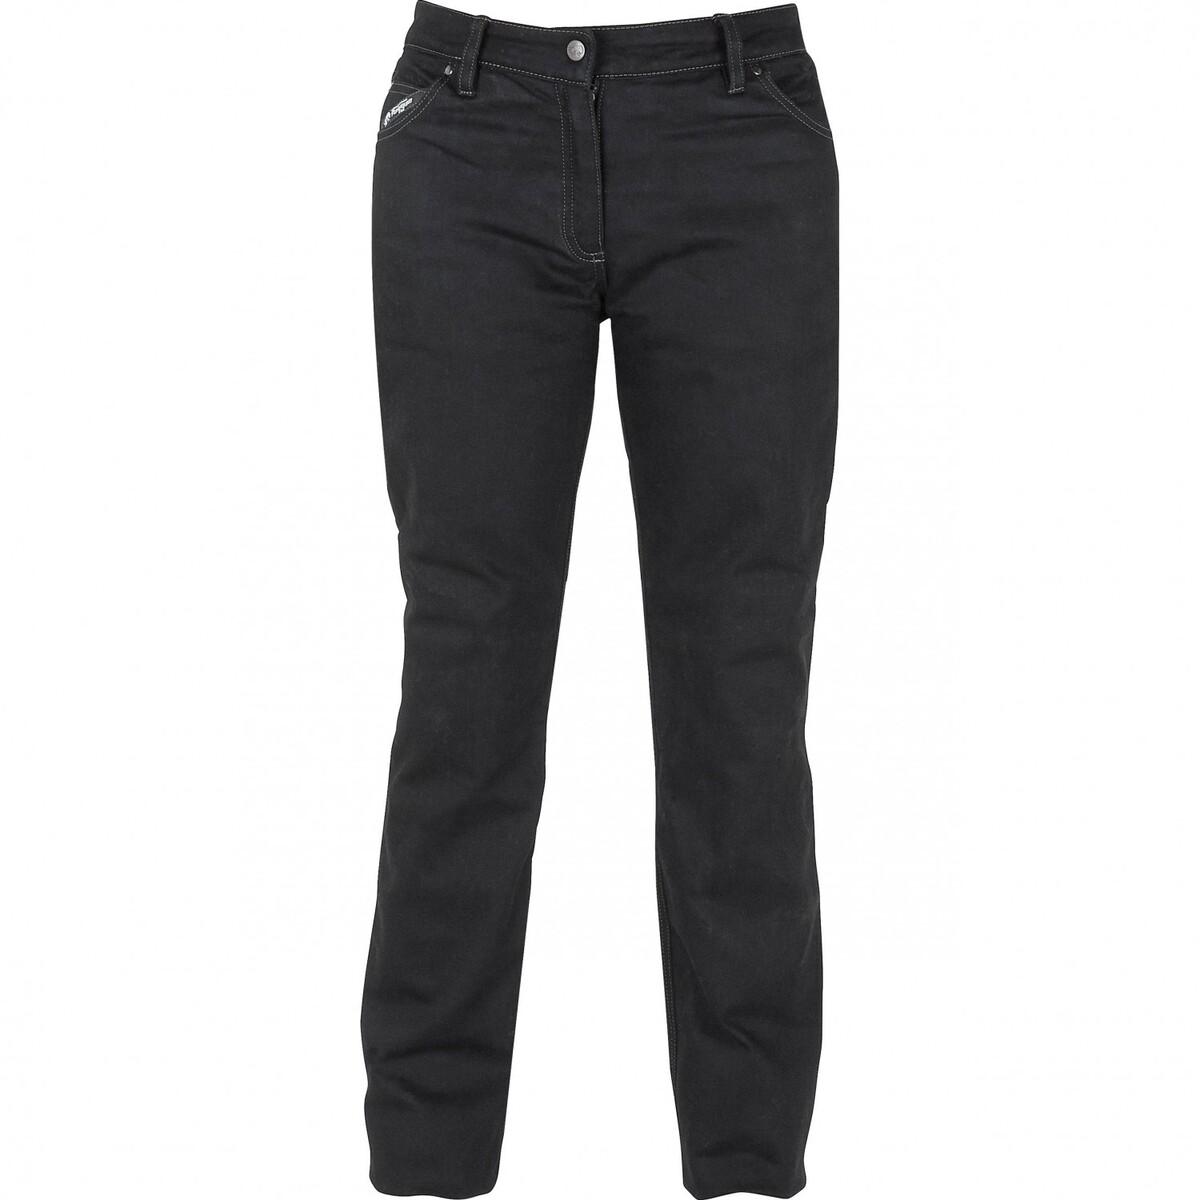 Bild 1 von Furygan Jean Damen Stretch Jeans schwarz Größe 36